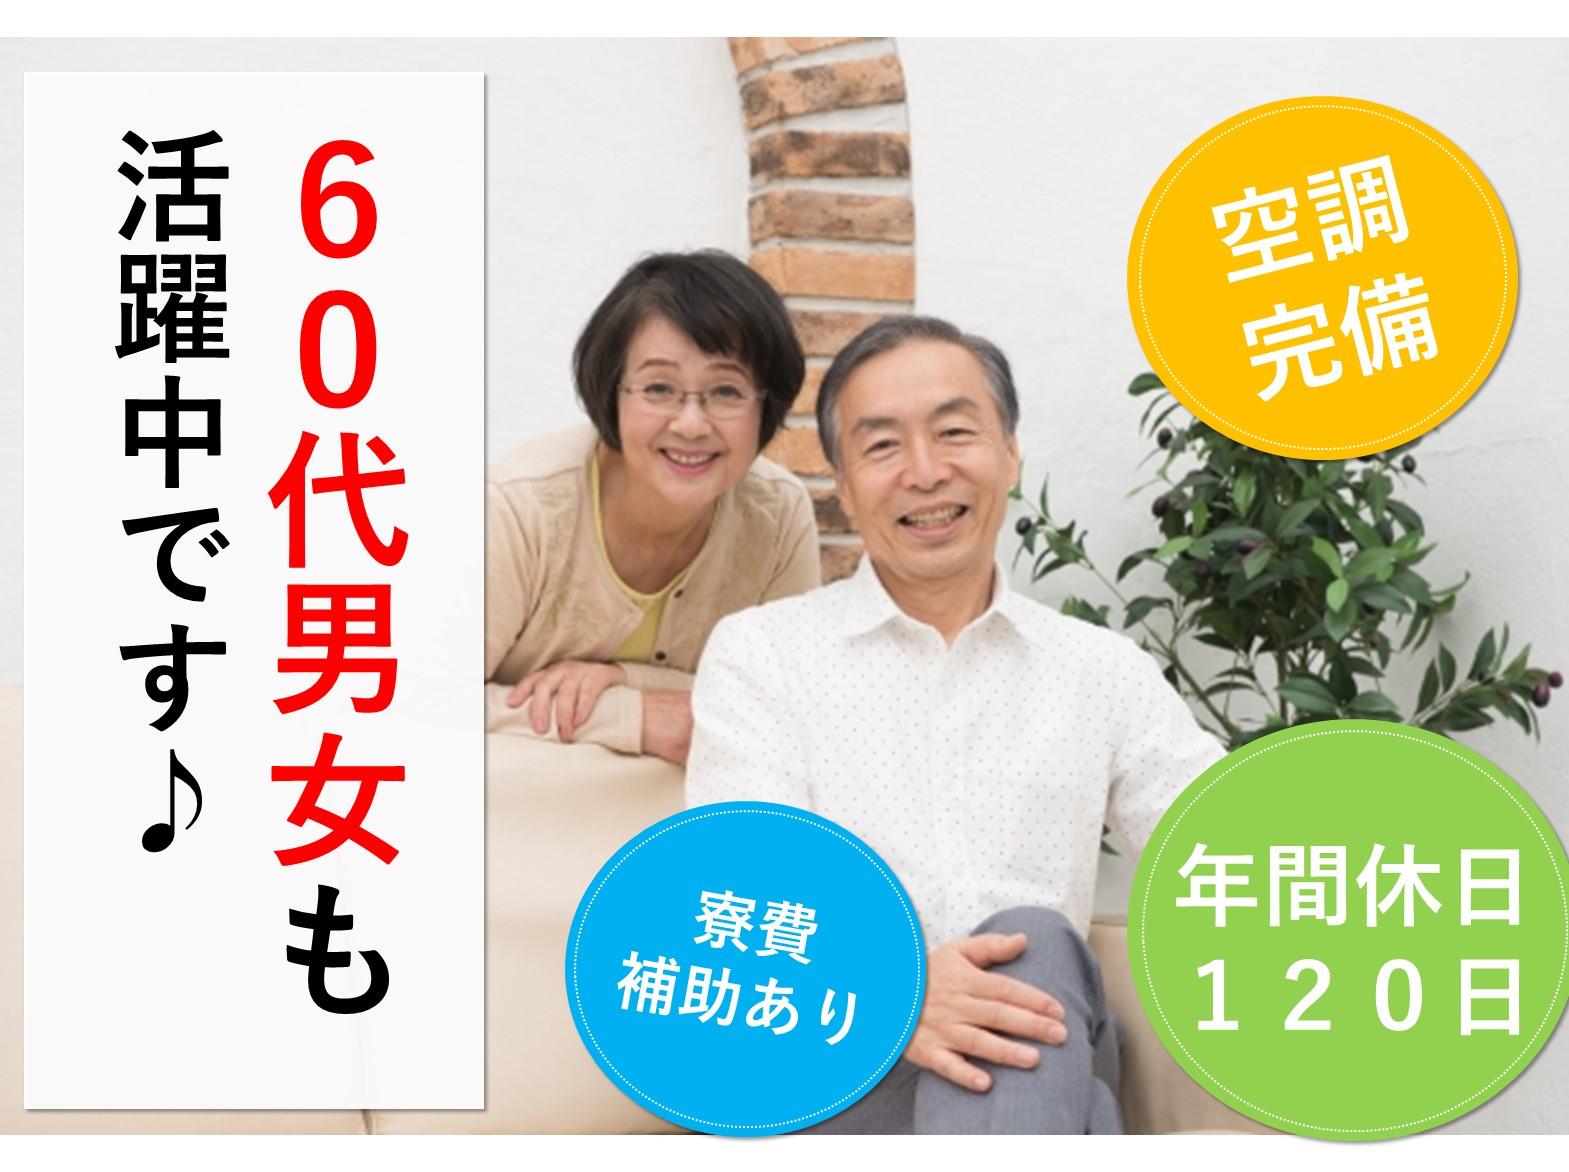 伊万里・佐賀求人ナビ/2019年10月9日最新情報